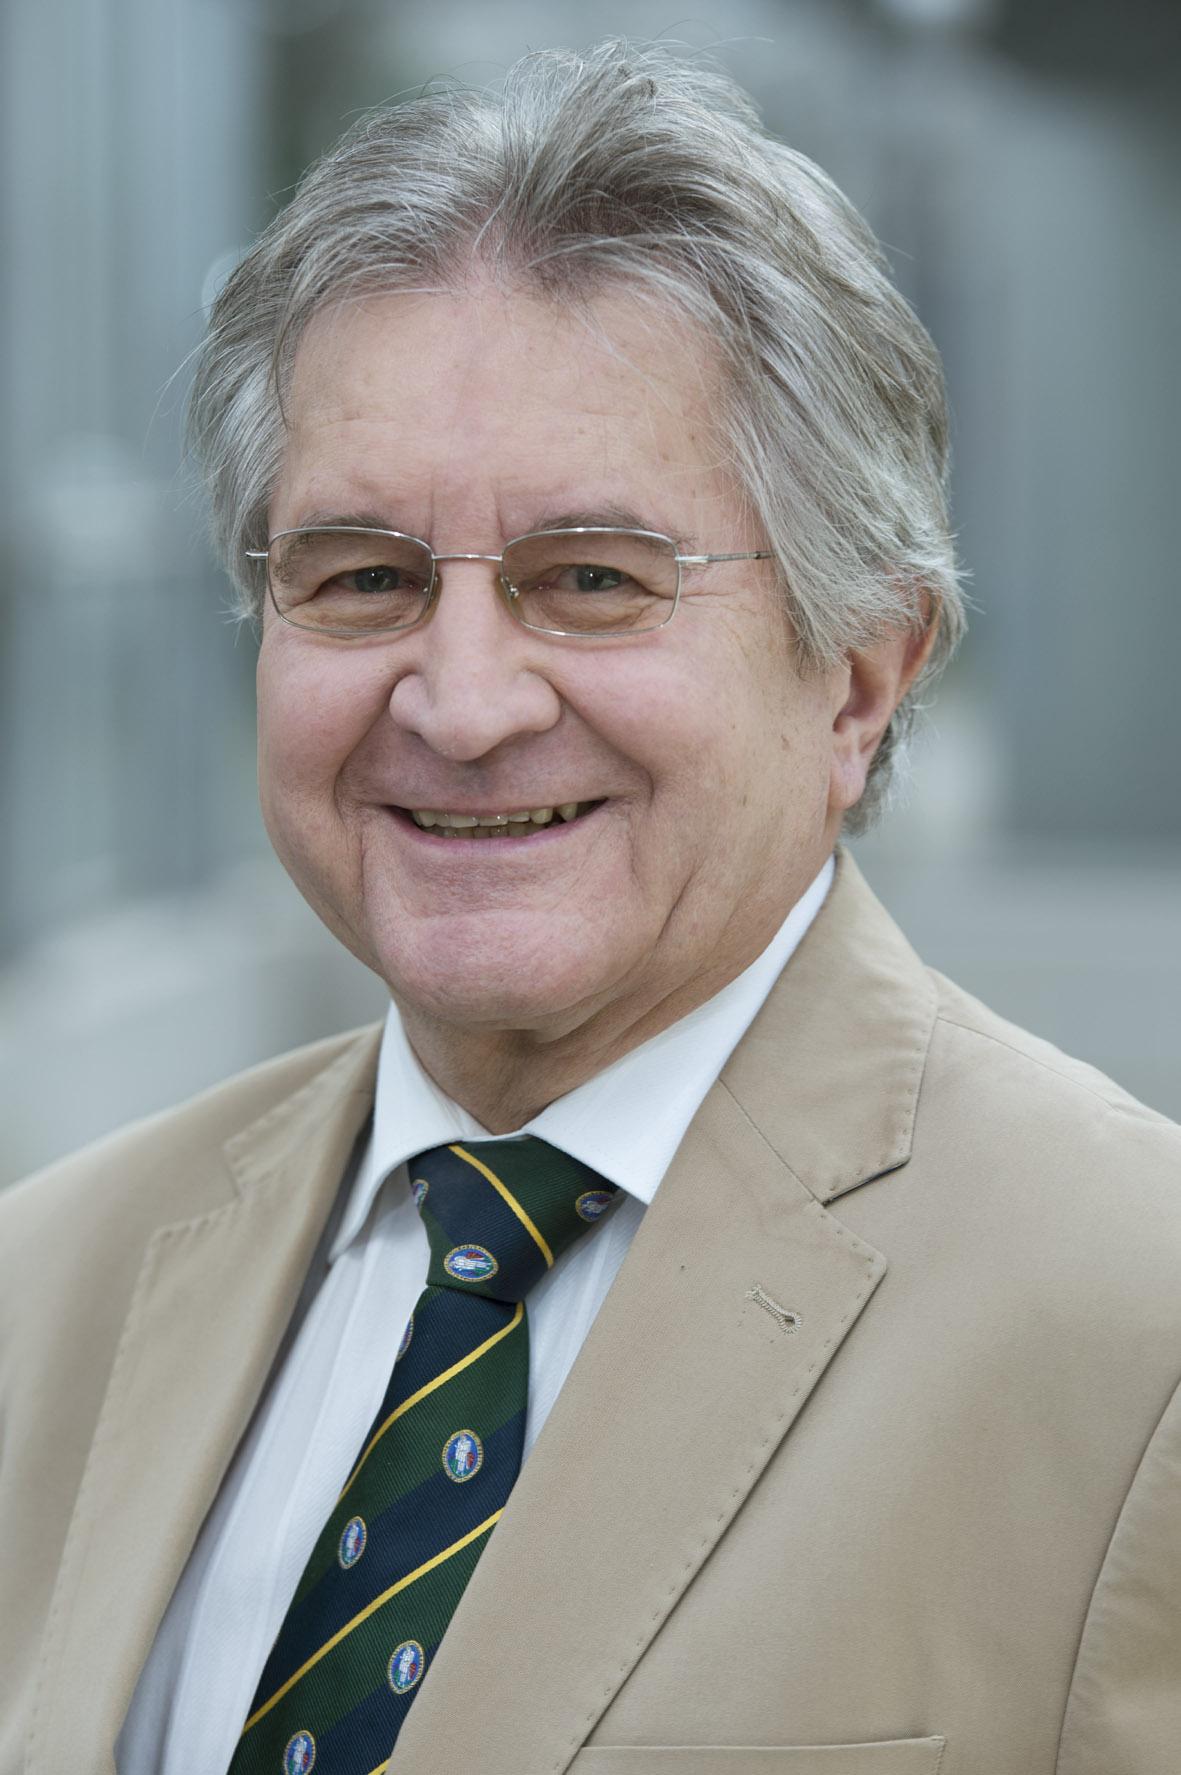 Hans-Georg Schell